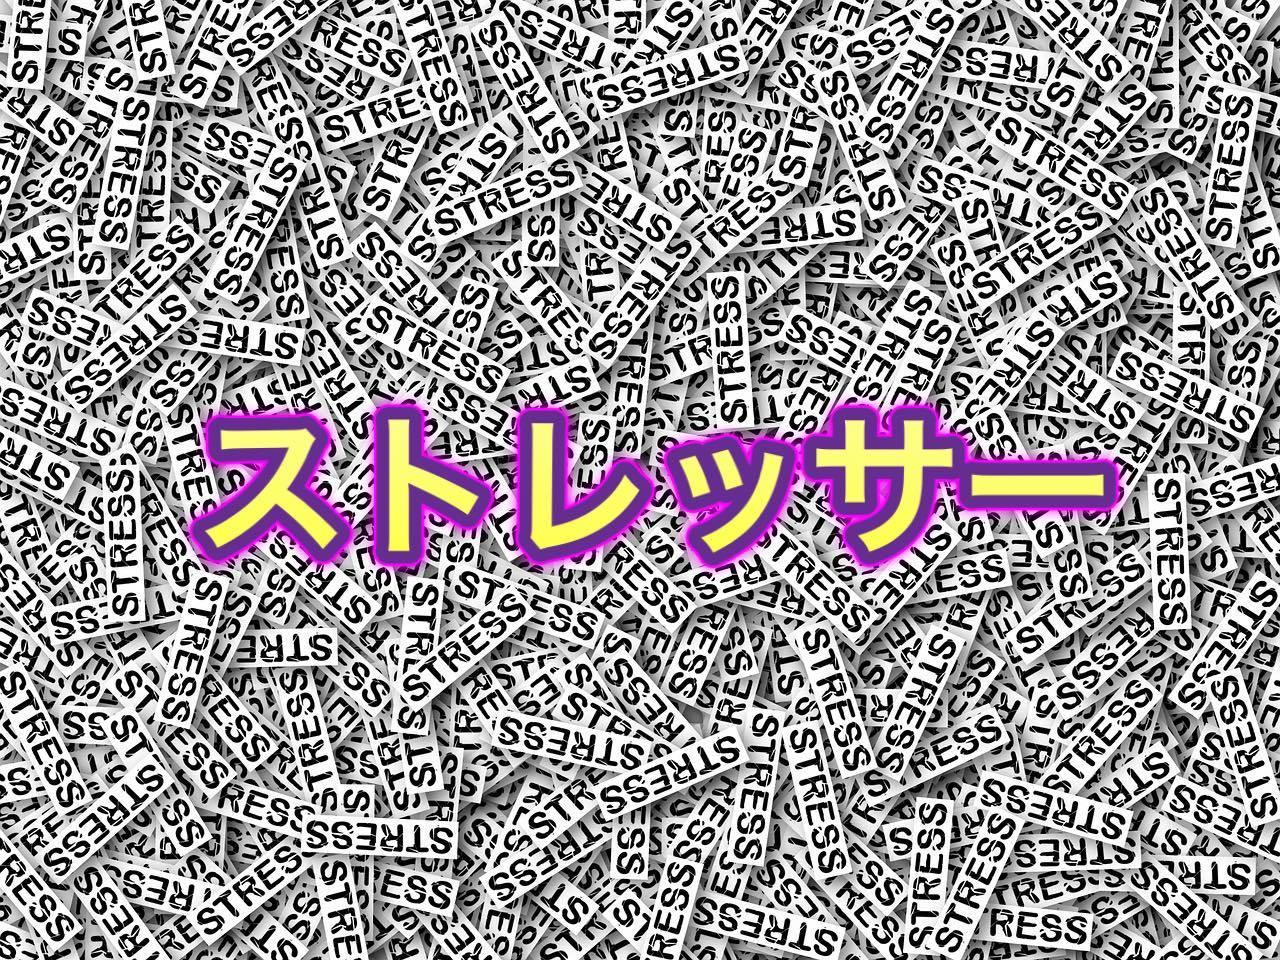 Ortho21☆『ストレスとは』